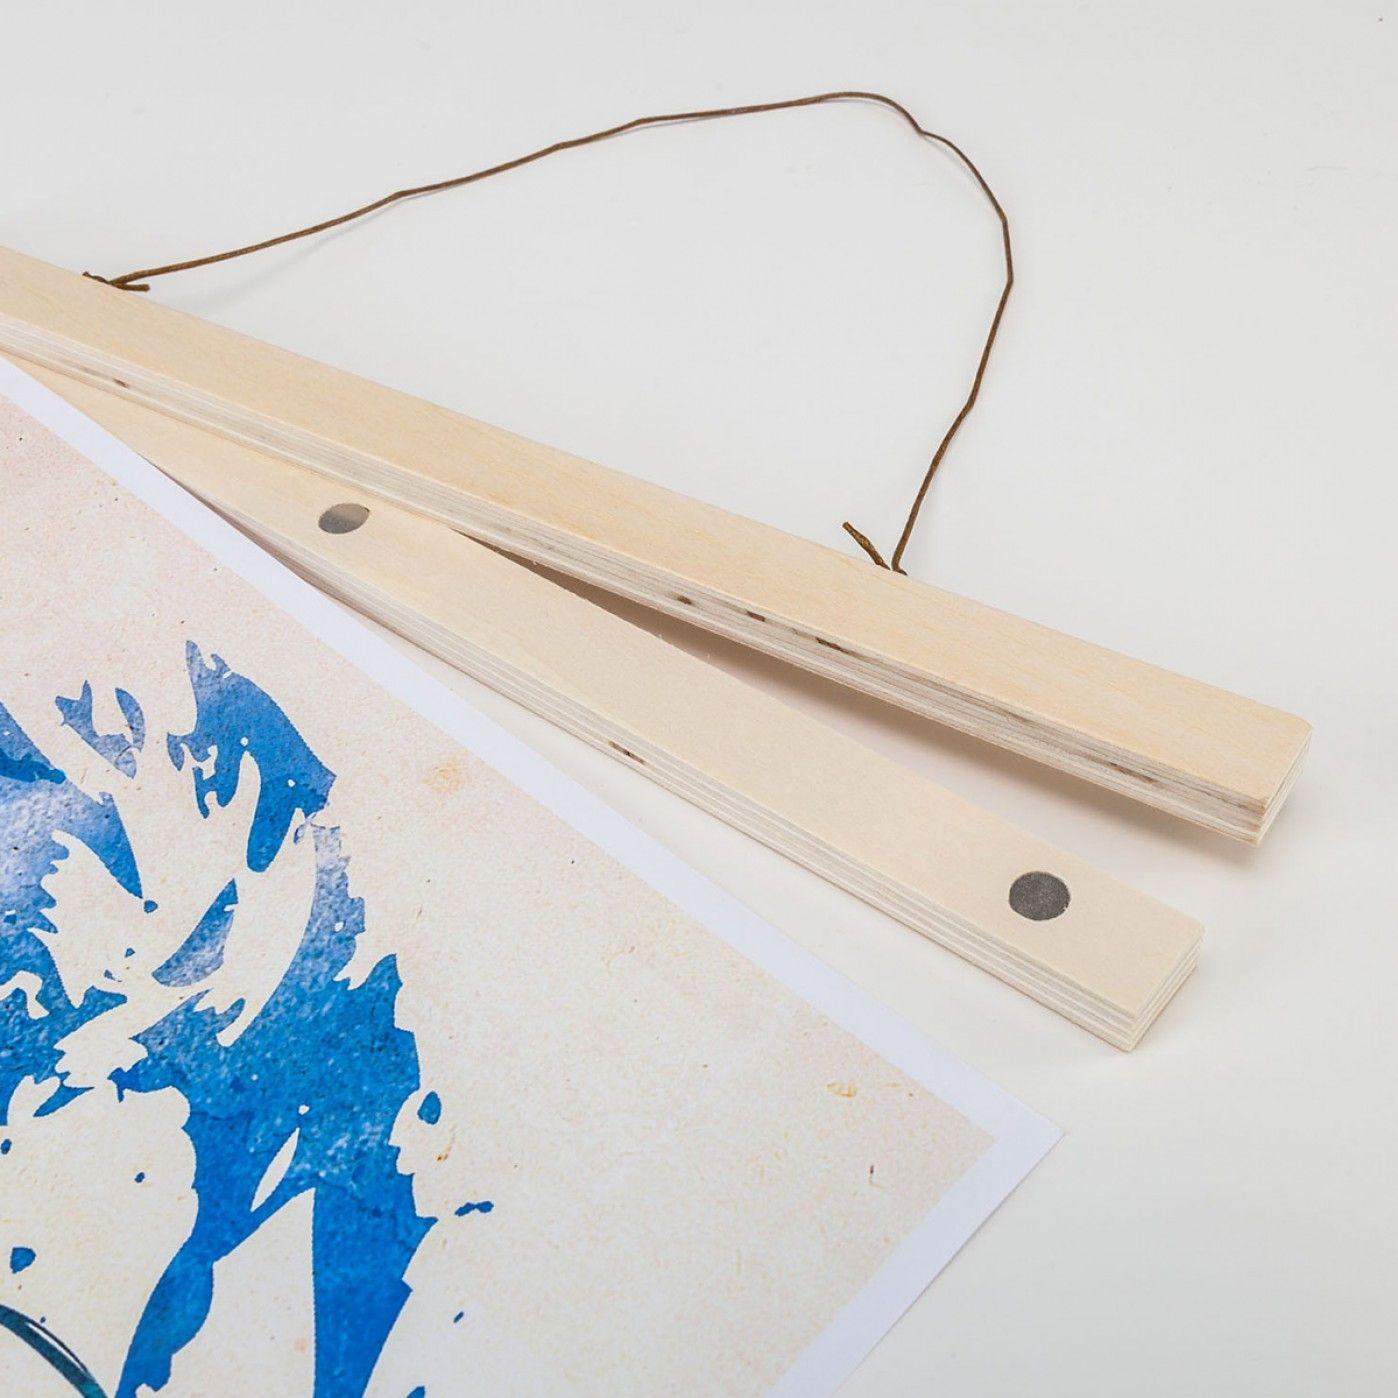 Posterhänger aus Holz   Holz, Rahmen und Praktisch